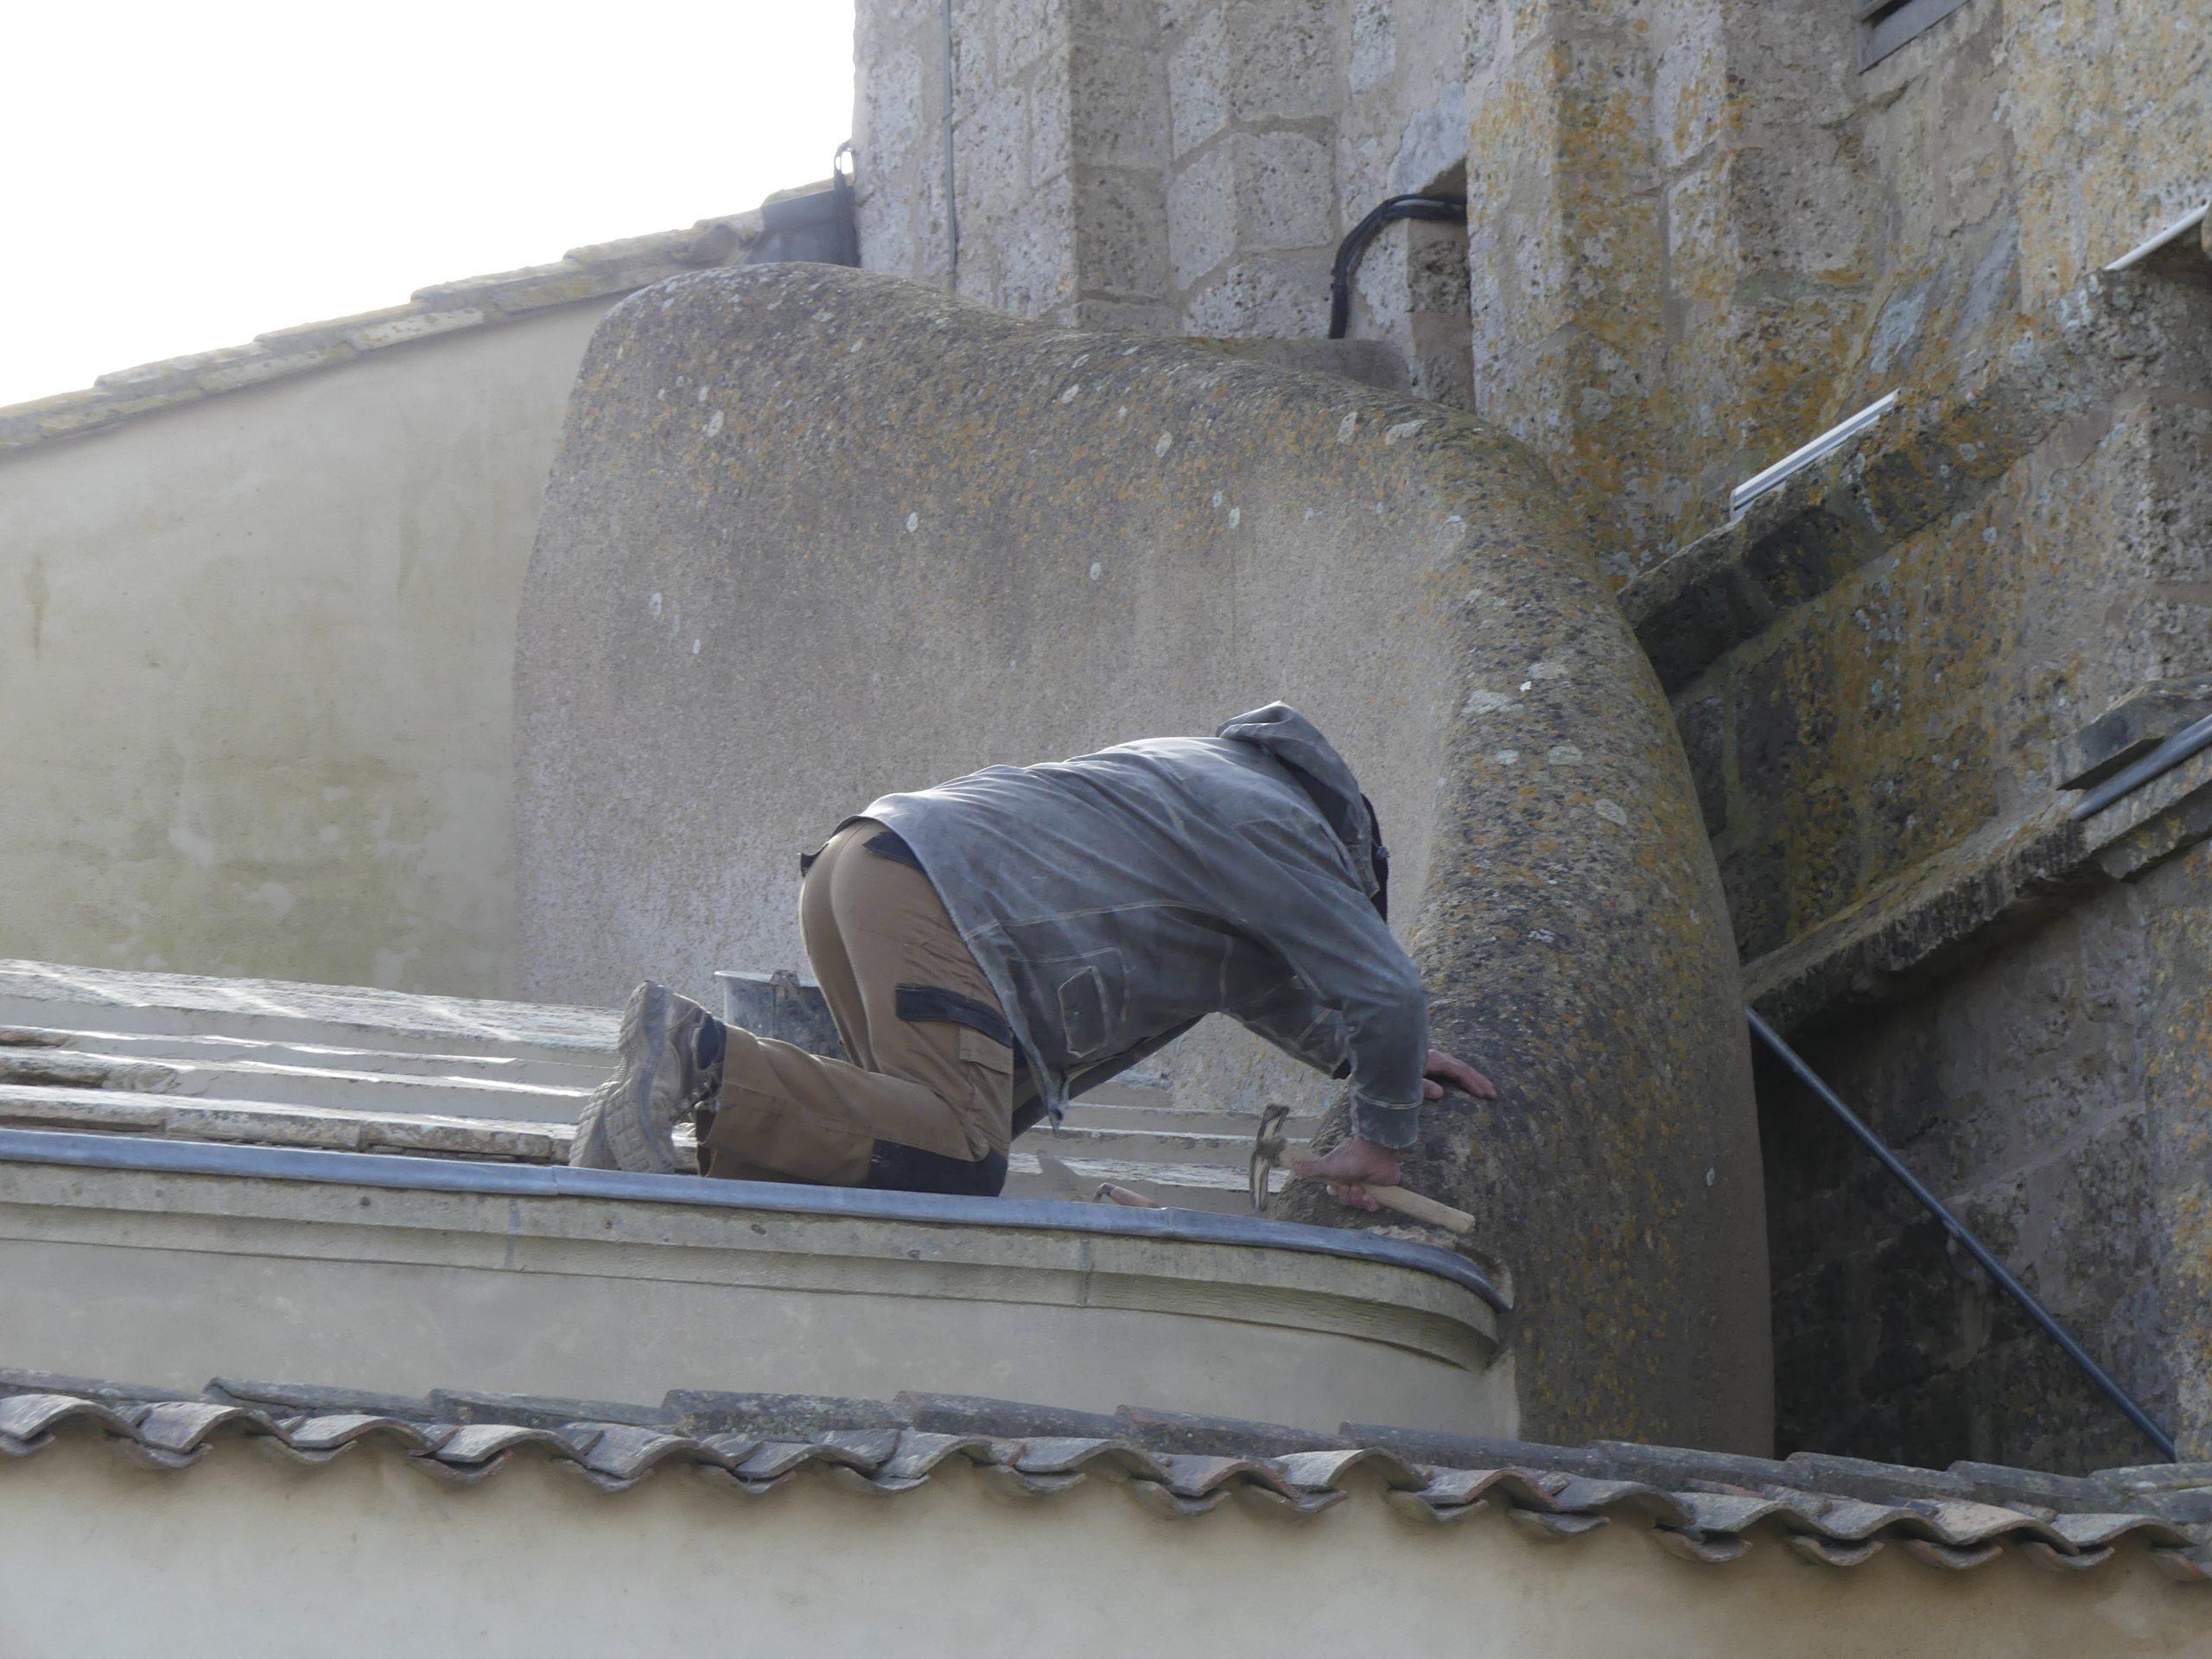 Ars - Eglise - Etanchéité toit - 9 mars 2020